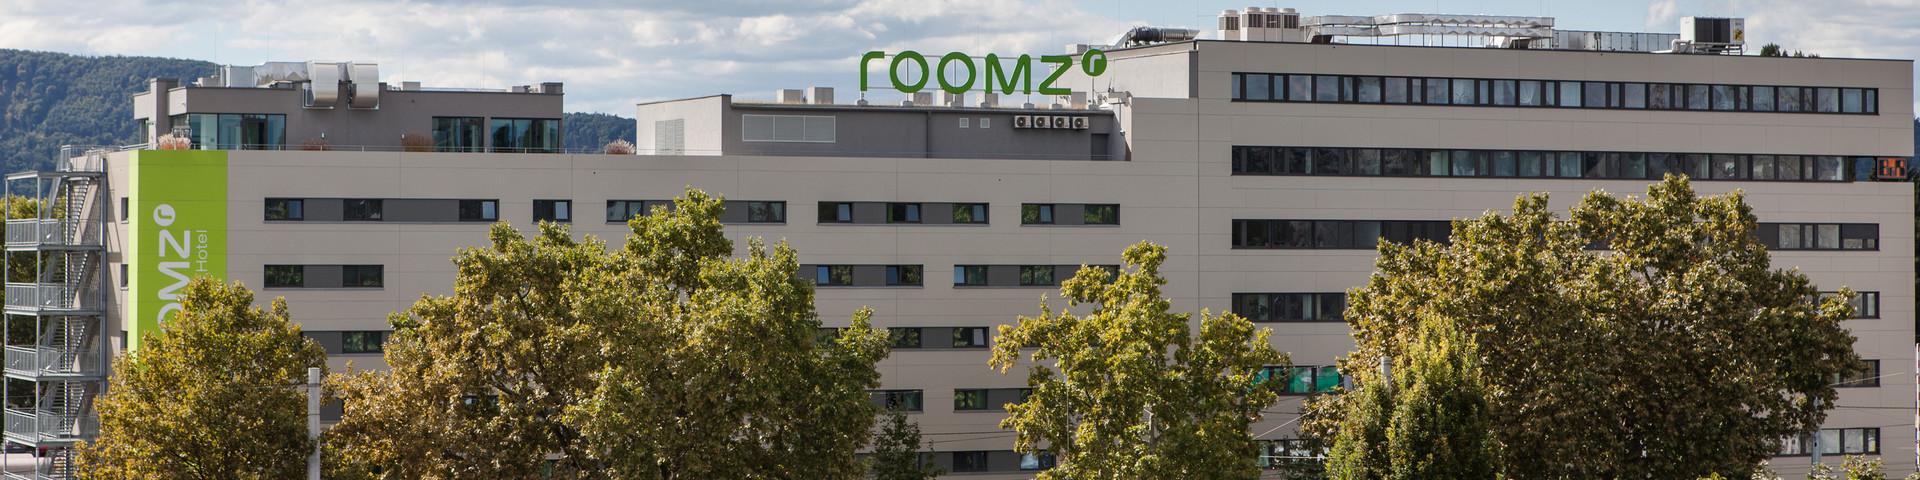 roomz Graz - Aussenansicht © Kurt Hoerbst